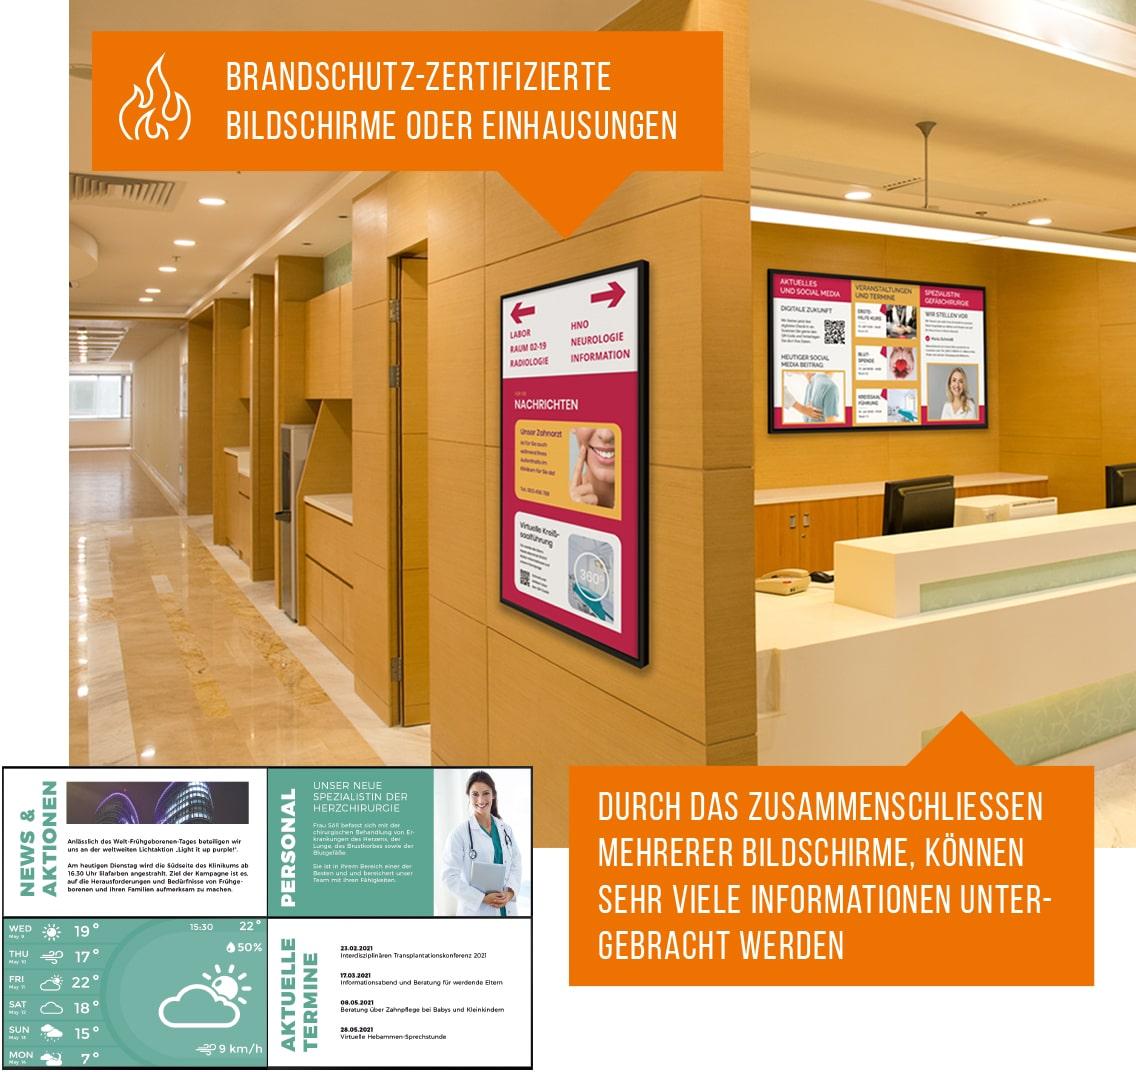 Digital Signage in einem Krankenhaus